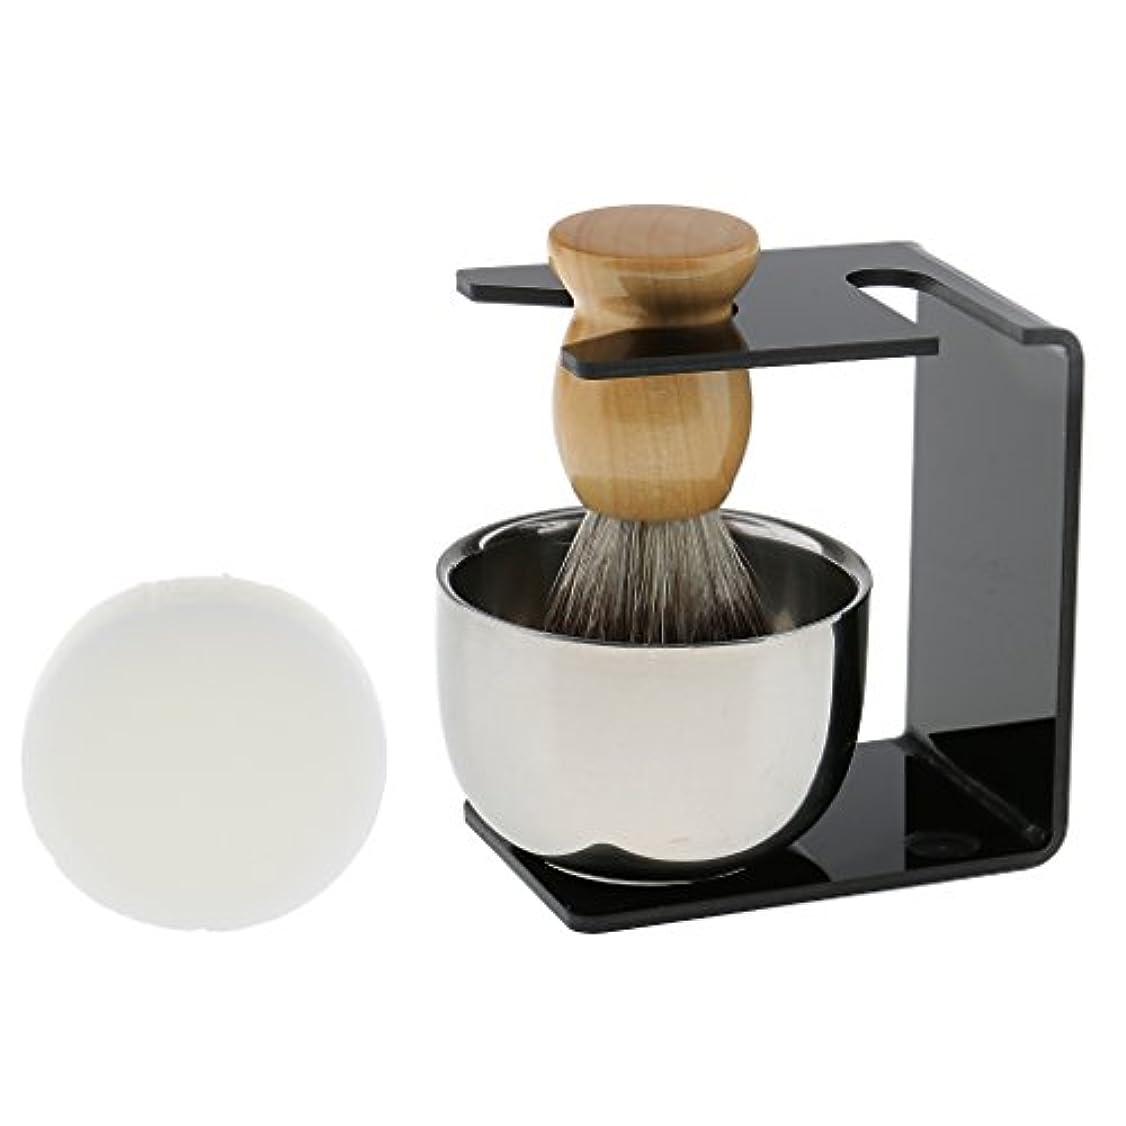 トイレ儀式地上のシェービングブラシセット ステンレス製スタンド ブラシ 石鹸 シェイプのマグカップ 髭剃り ひげ メンズ 4点セット